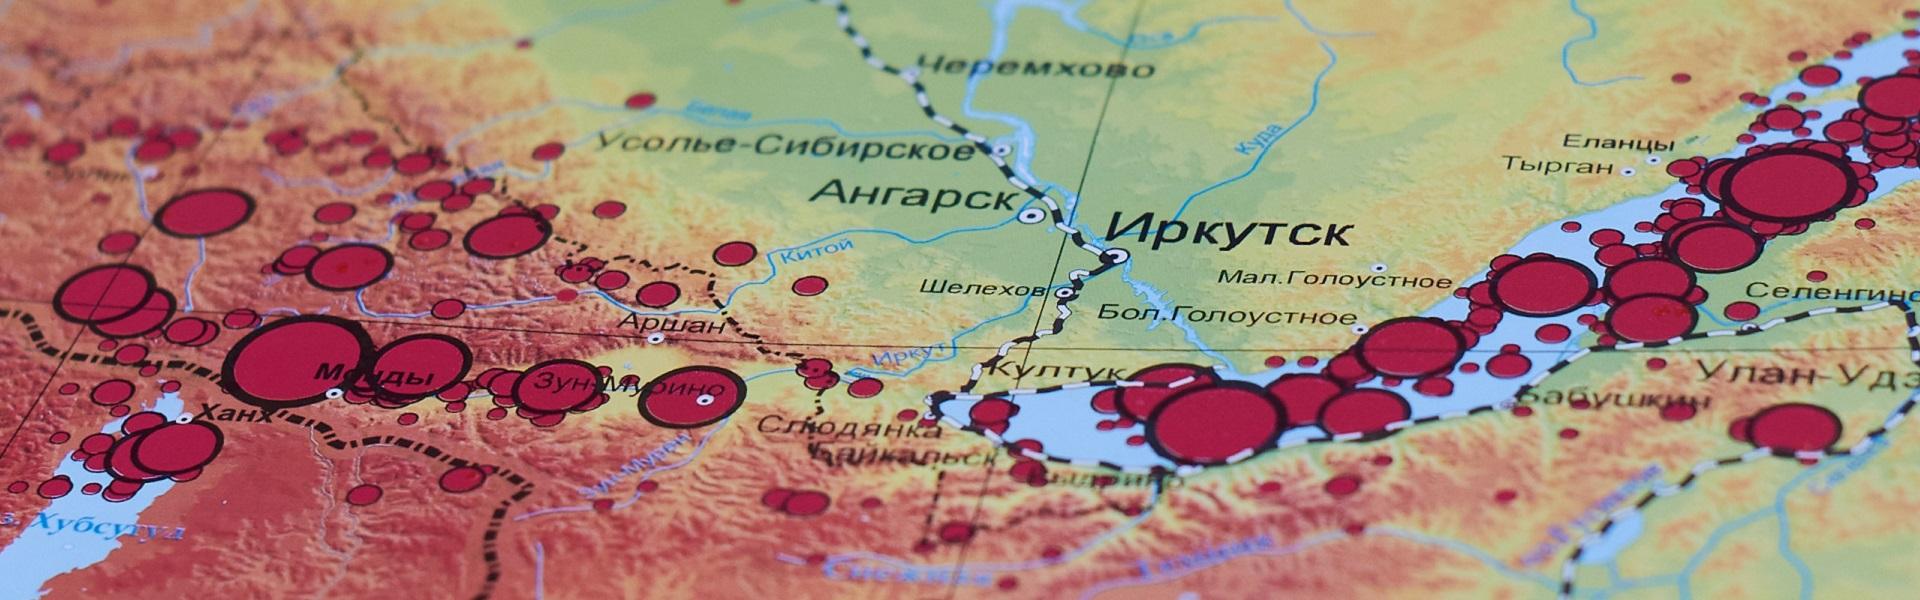 Землетрясения в Иркутской области. Почему так часто, и будут ли еще?